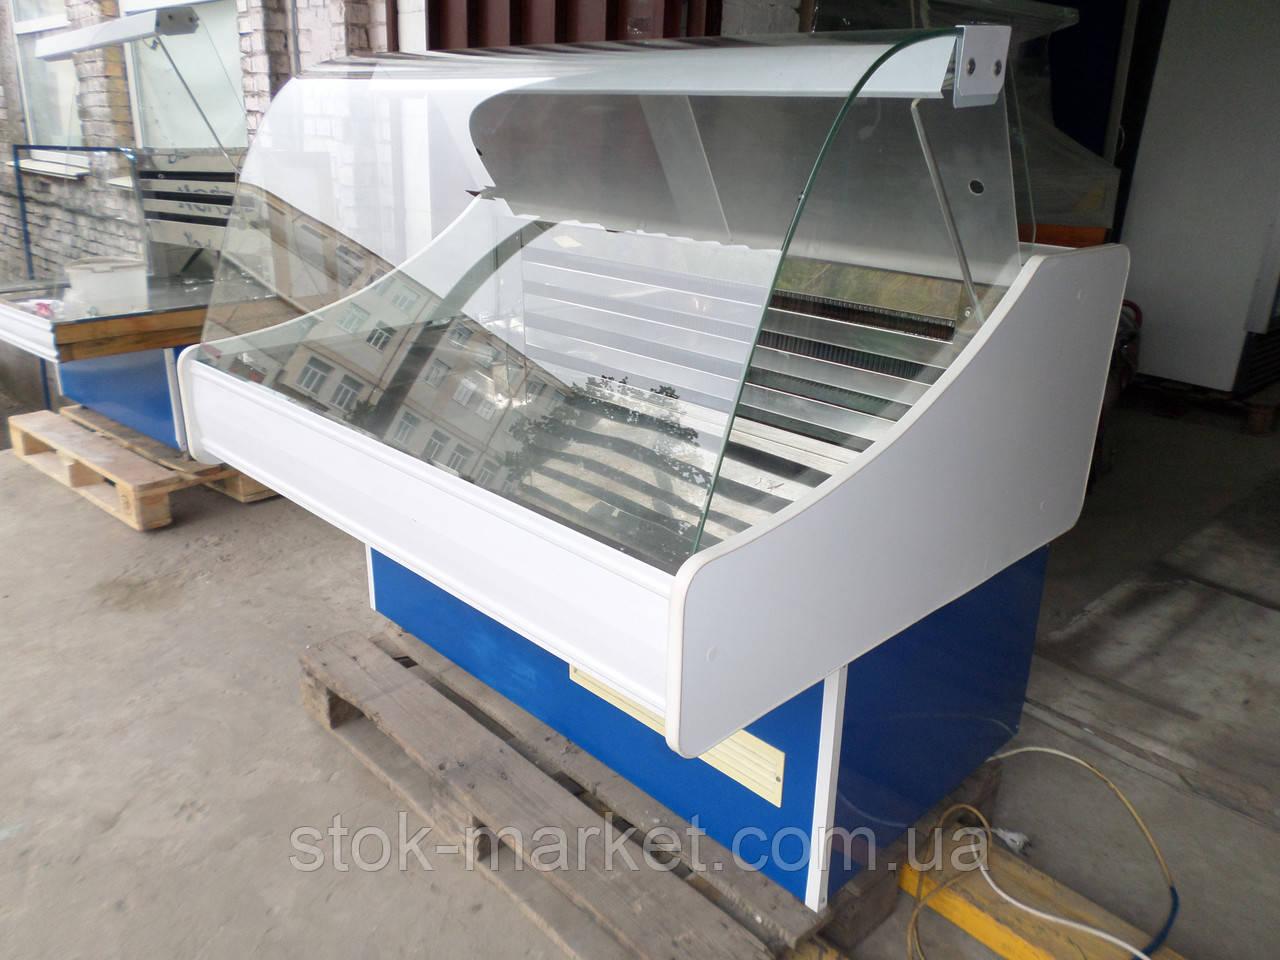 Холодильна вітрина середньотемпературна гастрономічна ТЕХНОХОЛОД 1,2 м. (Україна)